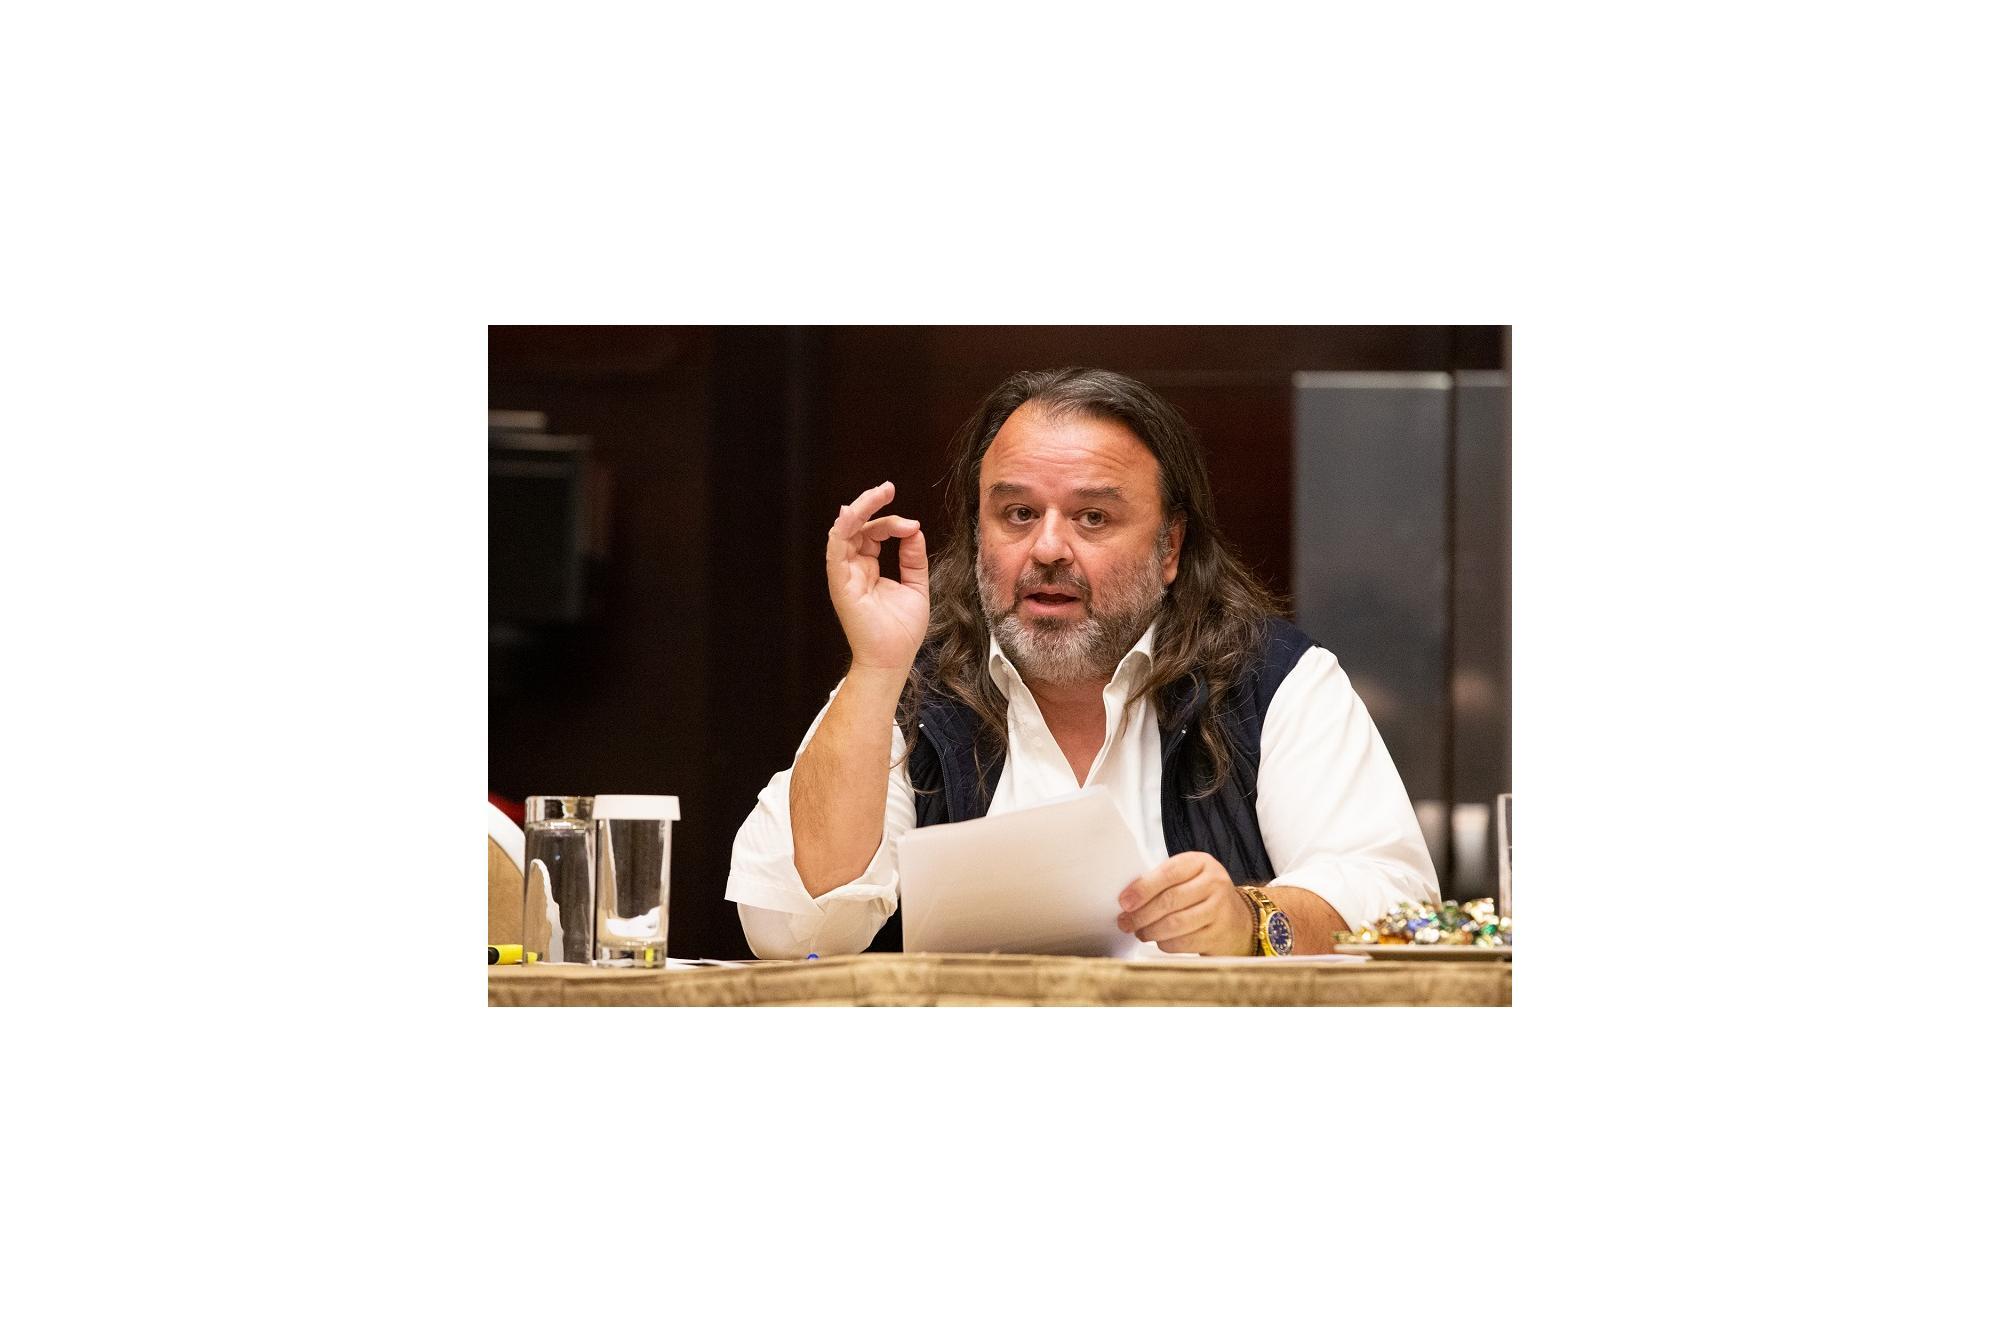 Μάριος Ηλιόπουλος, υποψήφιος πρόεδρος Ο.Μ.Α.Ε.